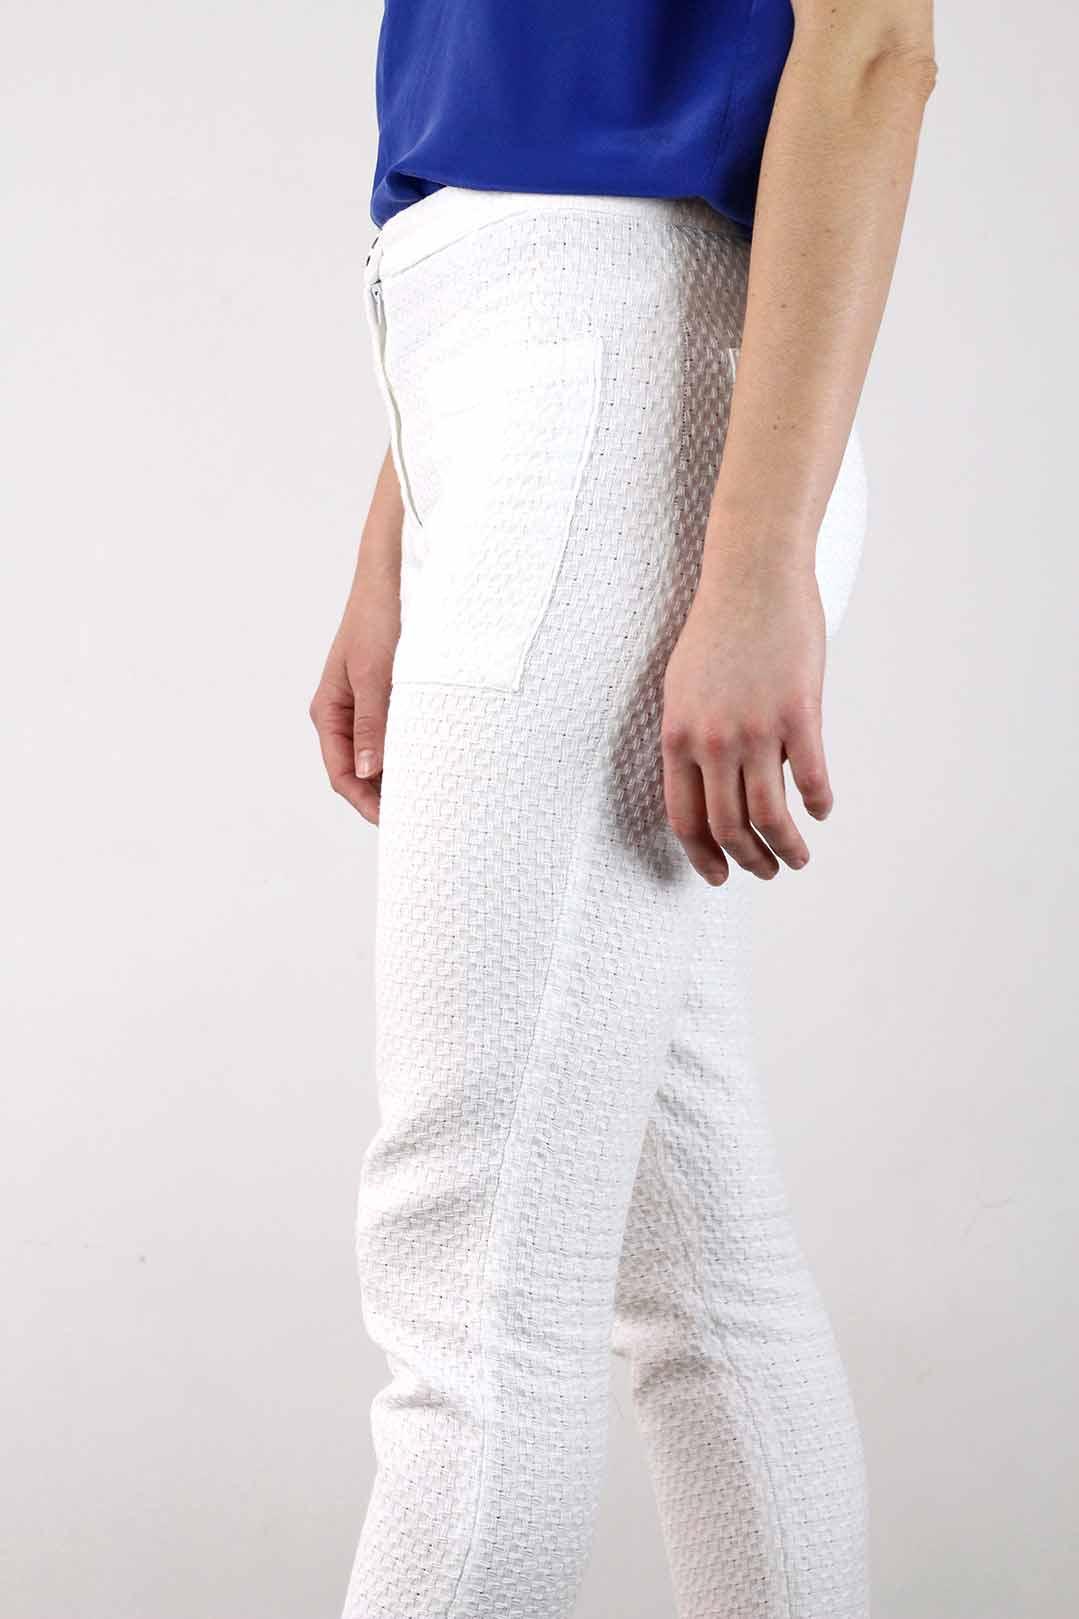 Pantalon blanc 7/8 femme